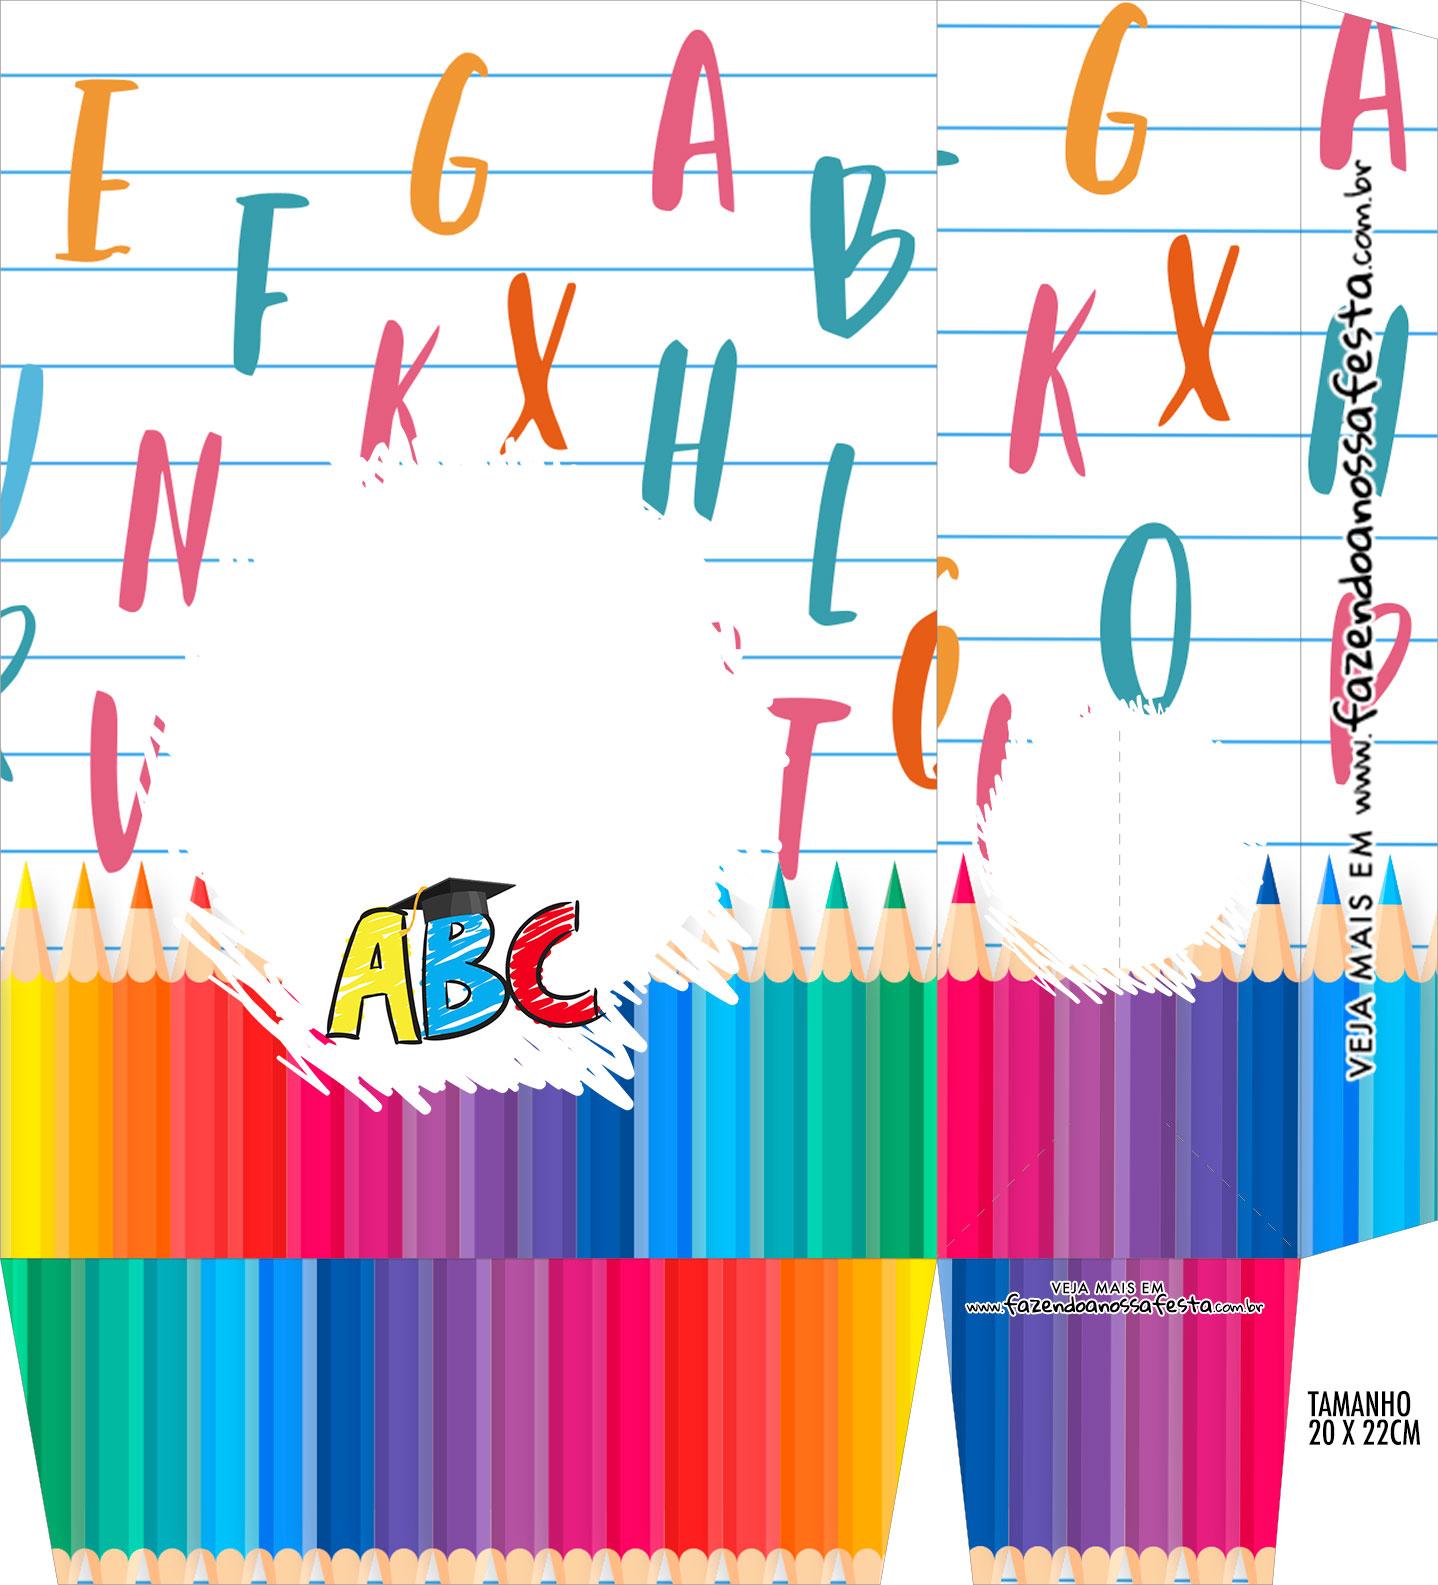 Sacolinha Supresa Festa Kit Festa Formatura ABC